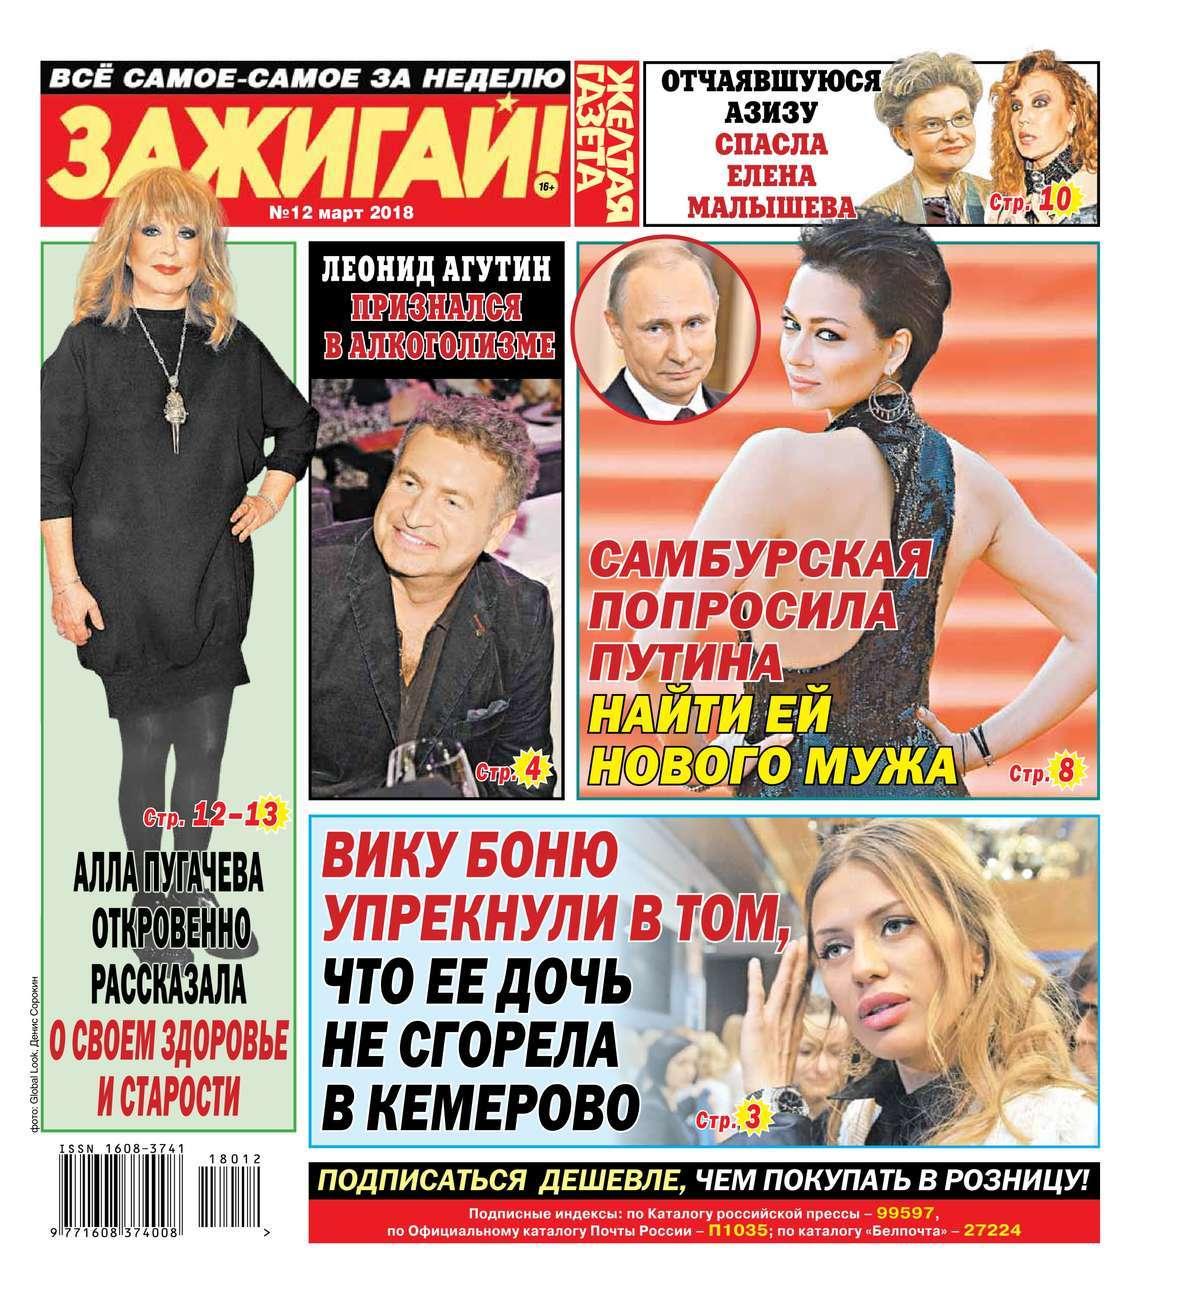 Редакция газеты Желтая газета. The Yellow Newspaper 12-2018